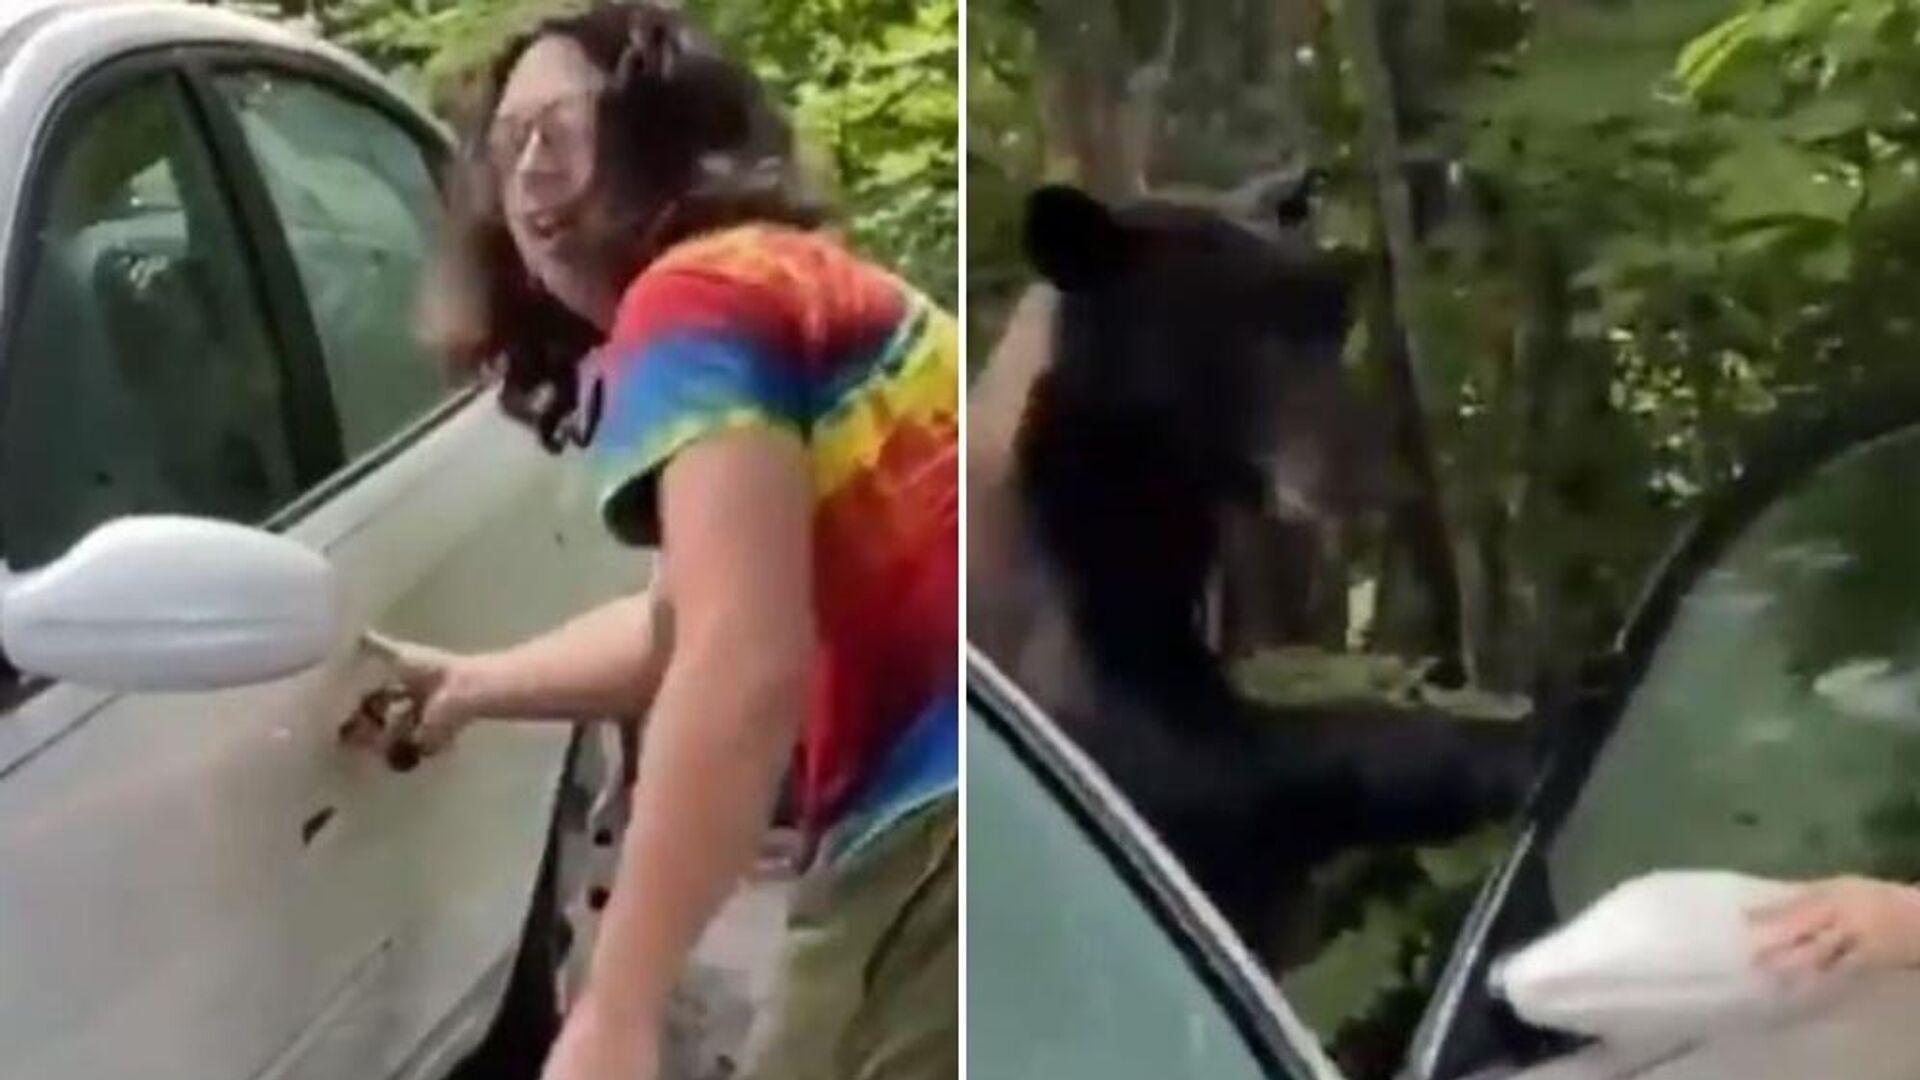 Άντρας ανοίγει την πόρτα για να βγει αρκούδα που μπήκε στο αμάξι του - Sputnik Ελλάδα, 1920, 24.07.2021